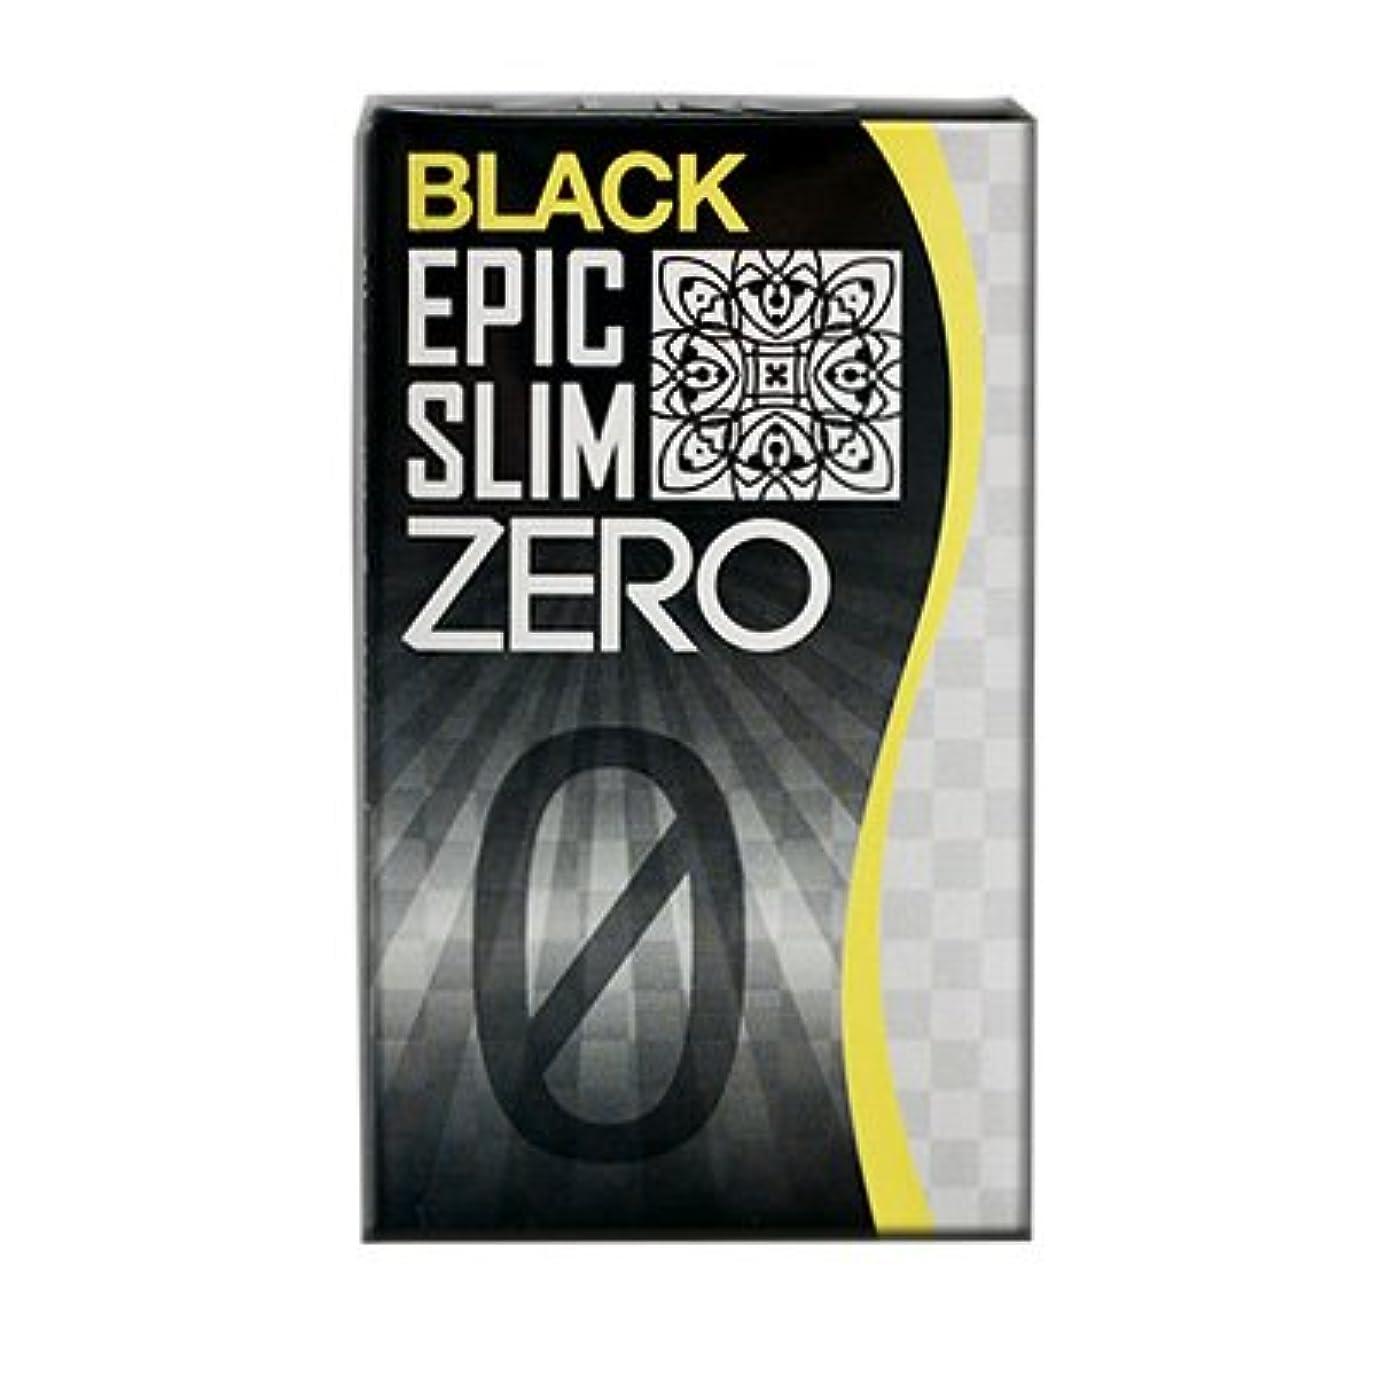 パーティー申請者飛躍ブラック エピックスリム ゼロ ブラック Epic Slim ZERO BLACK